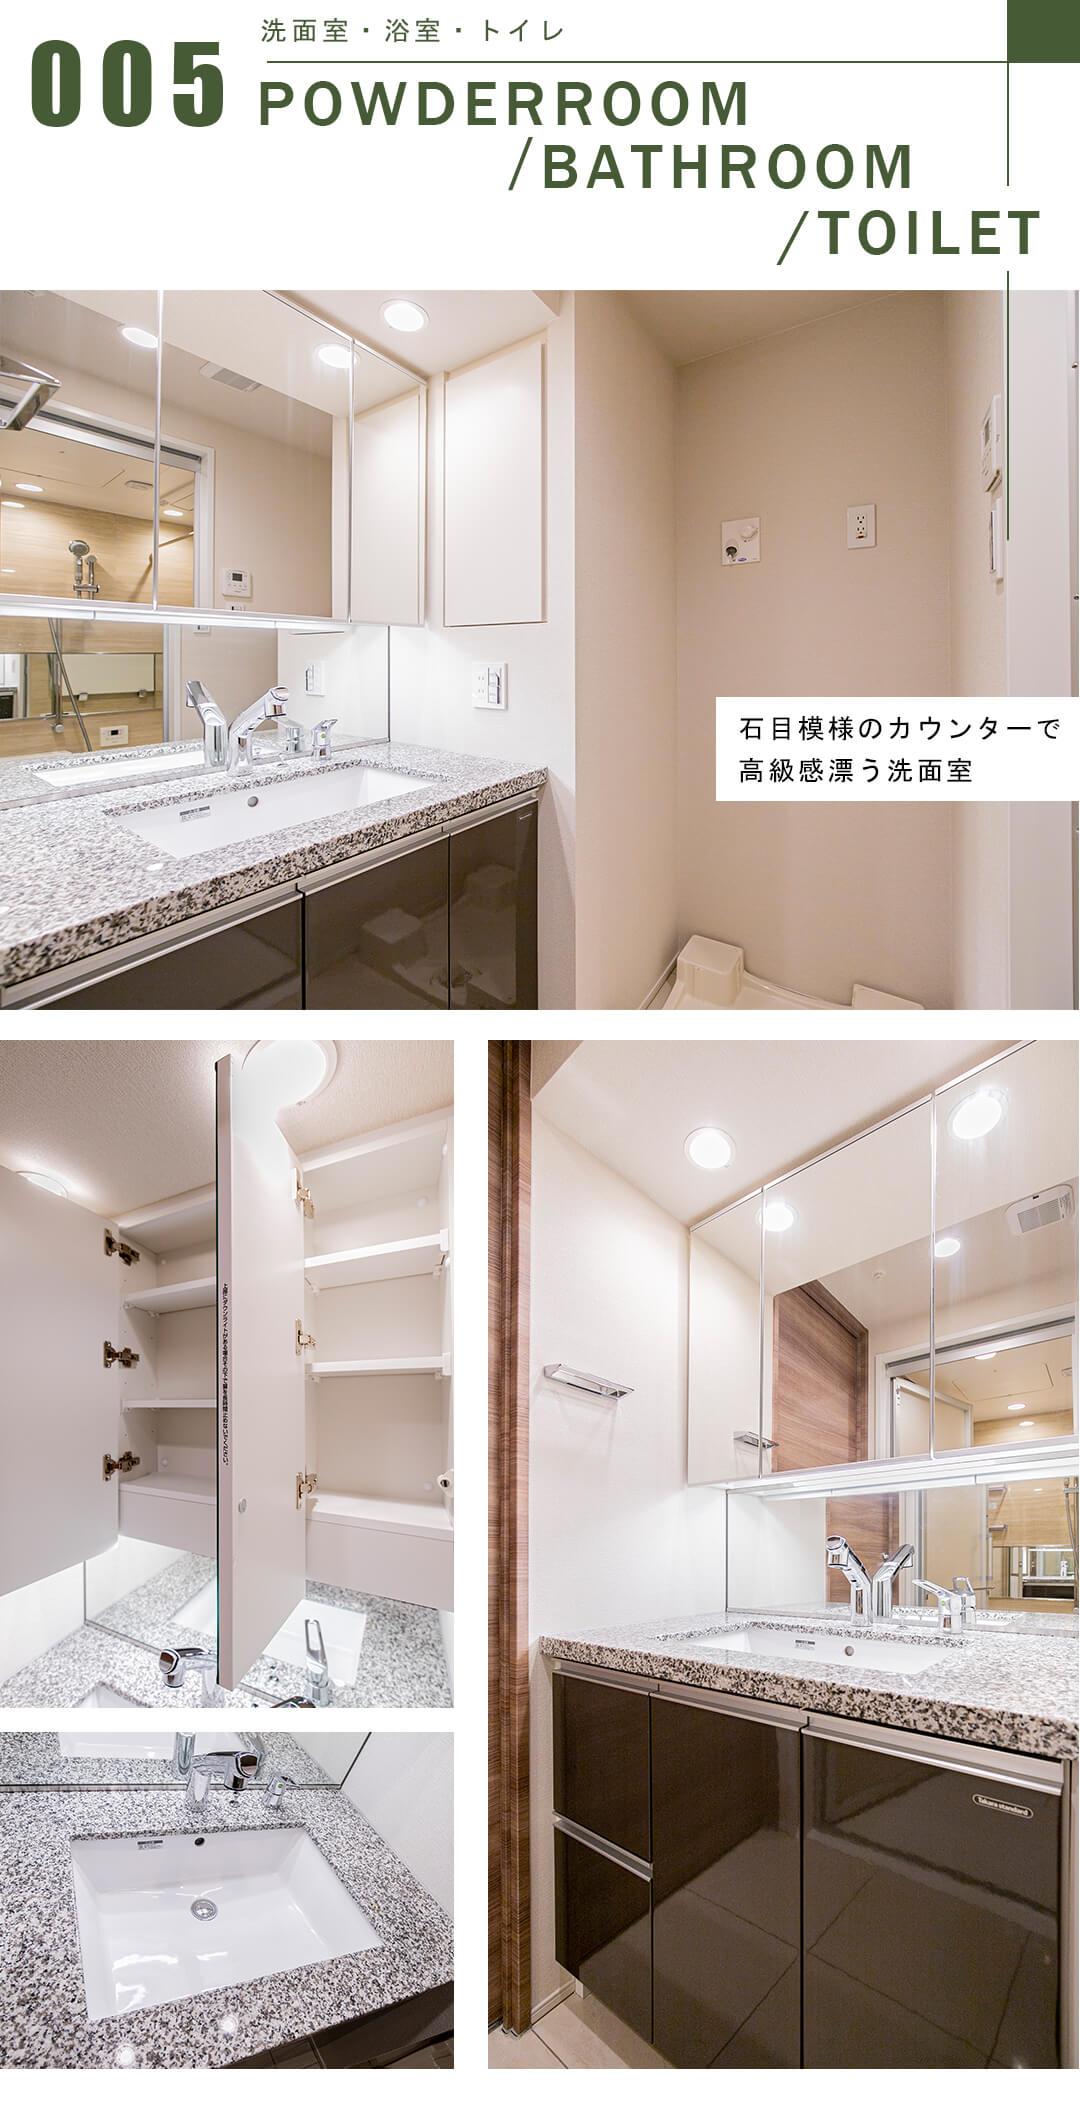 オープンレジデンシア千駄木の洗面室